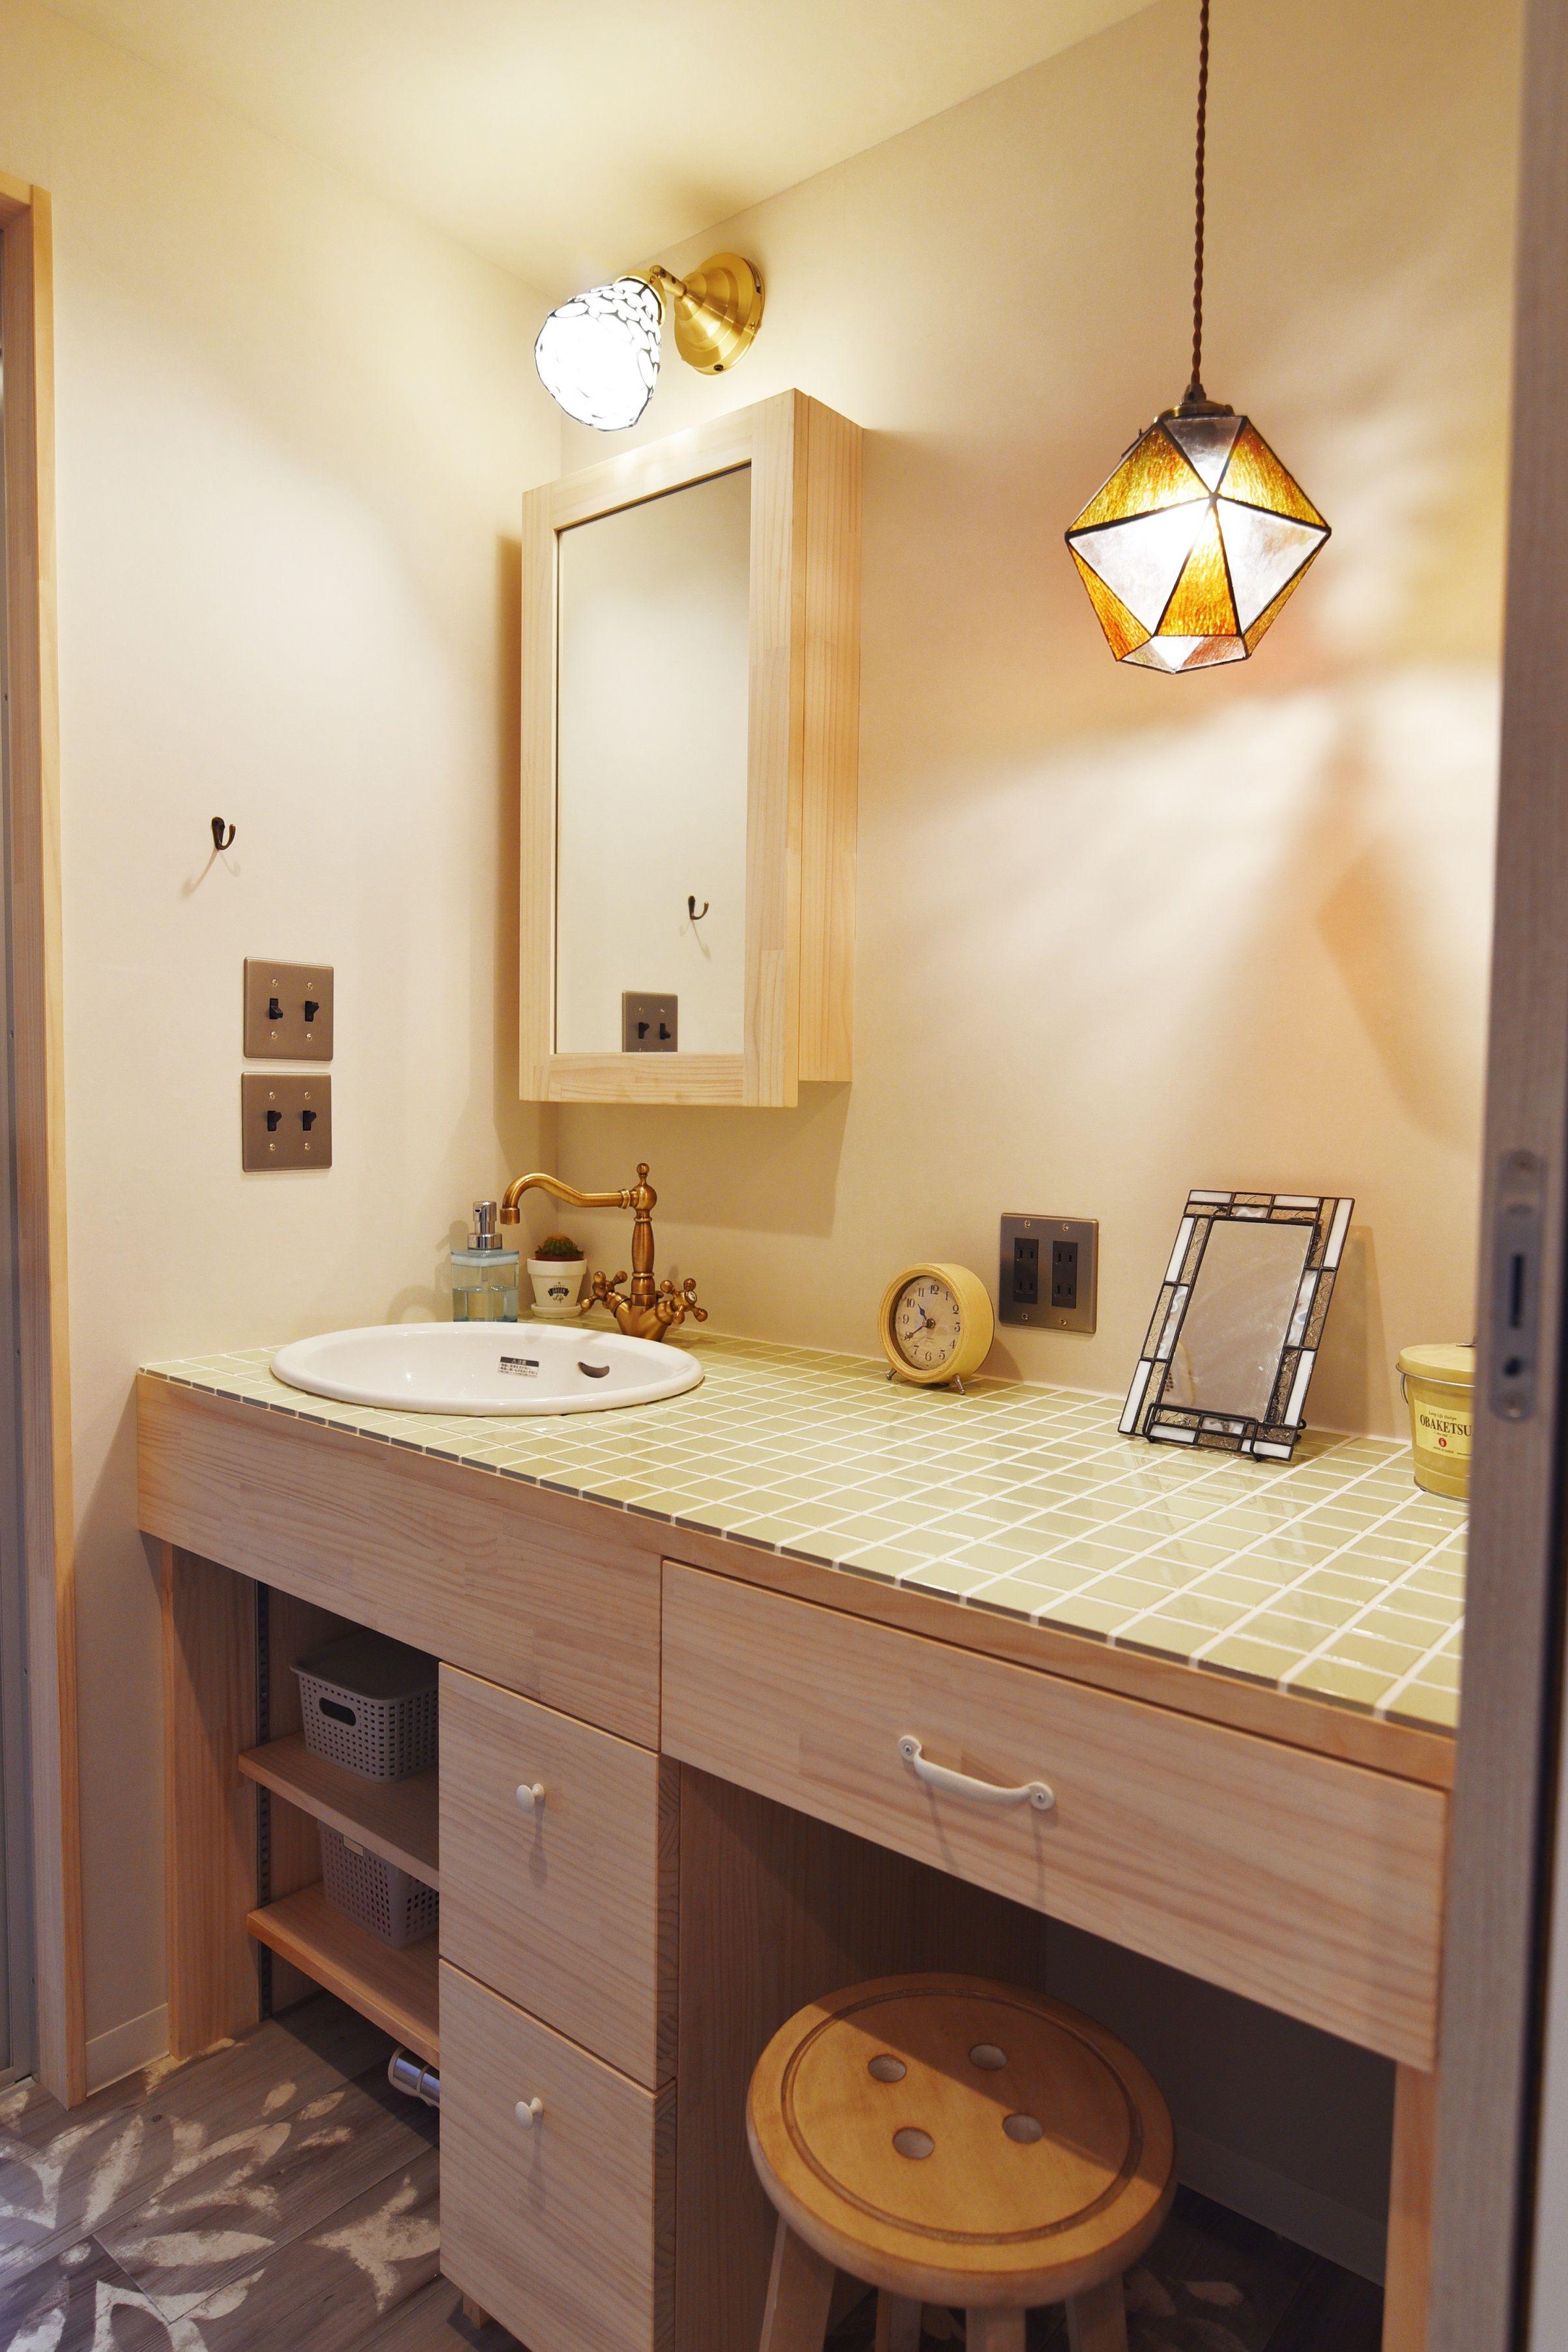 洗面 メイクスペース インテリア実例 洗面所 洗面 洗面器 照明